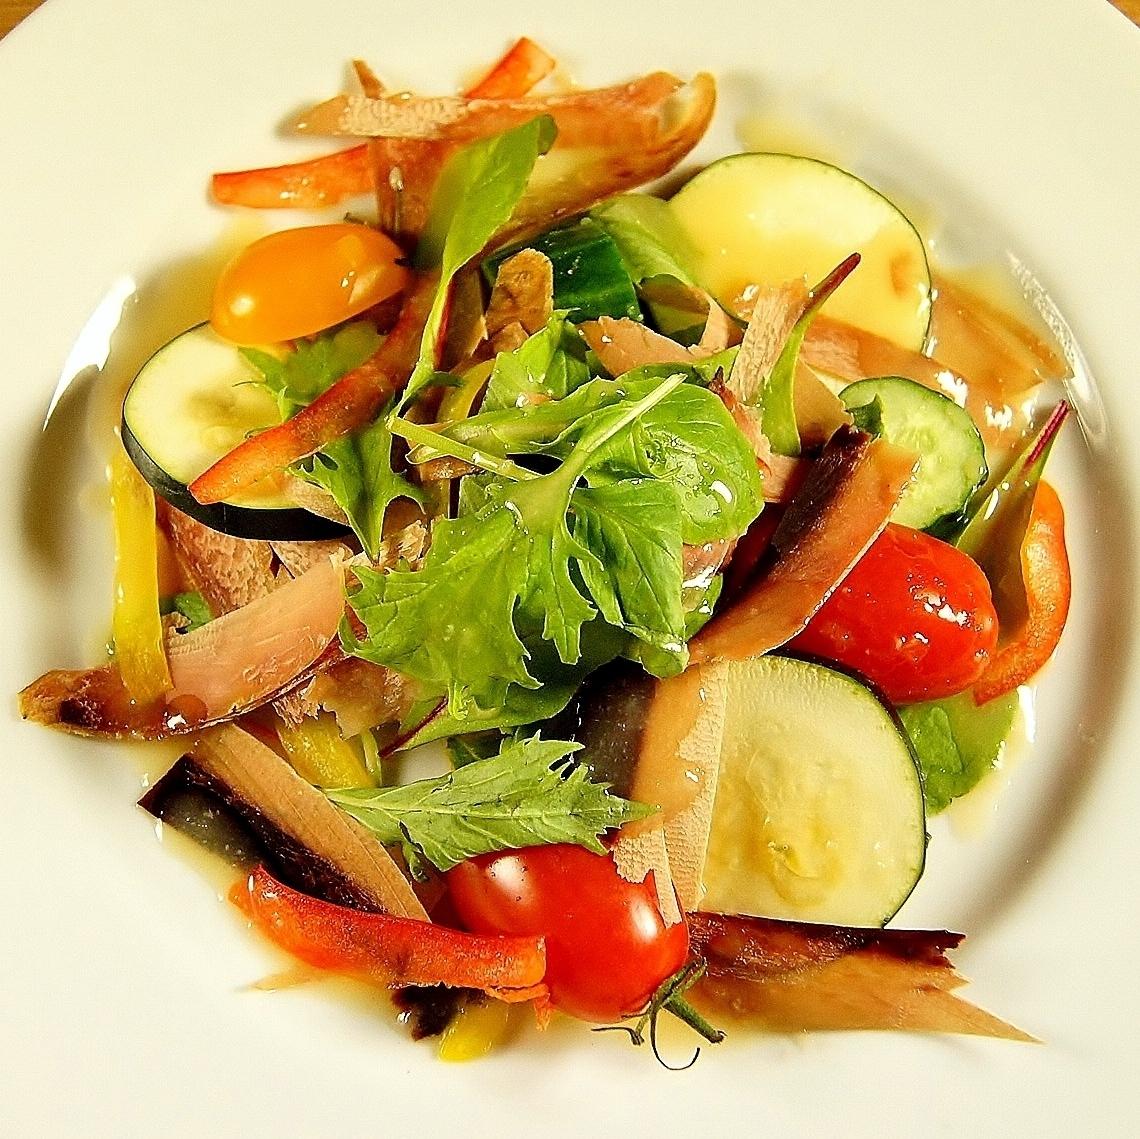 新鲜蔬菜日本建筑色拉敷料